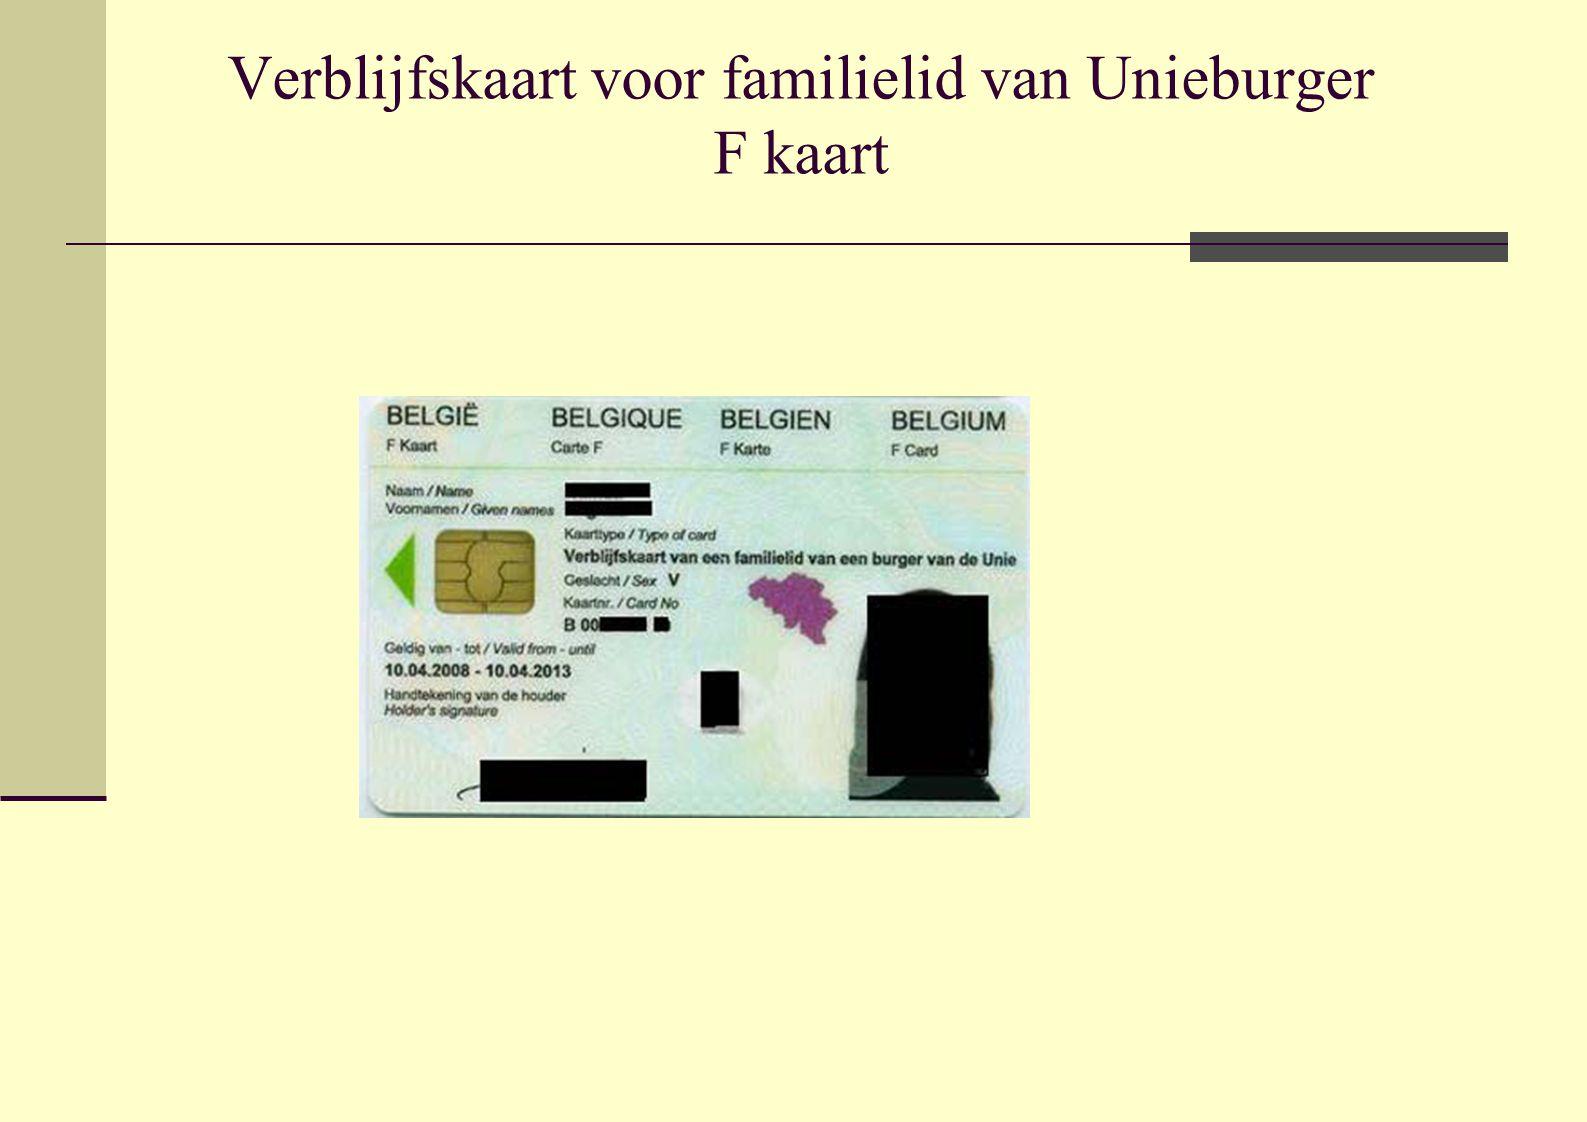 Verblijfskaart voor familielid van Unieburger F kaart